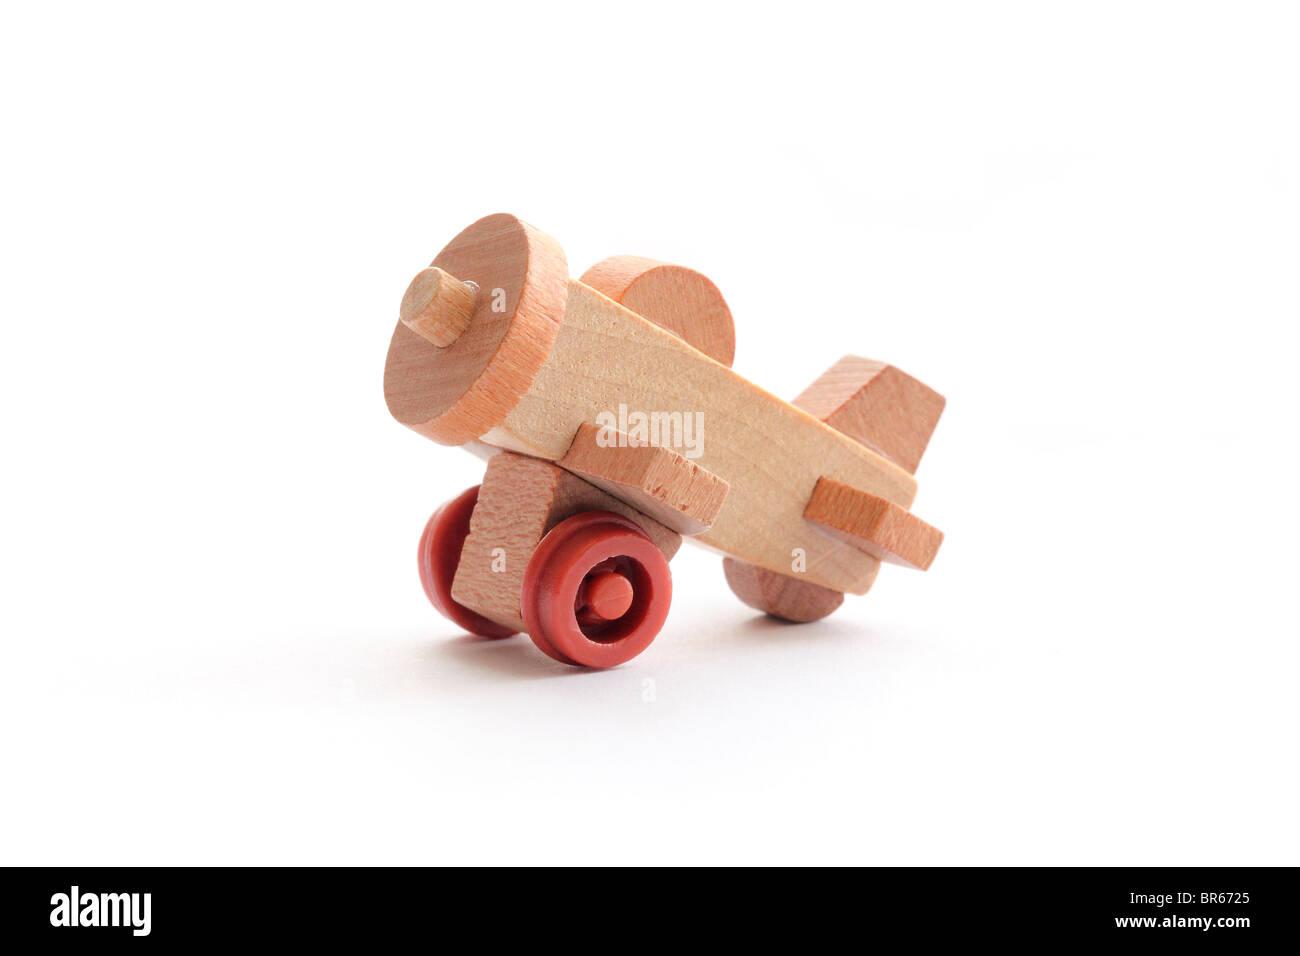 Nahaufnahme Foto von einem 1-Zoll-Holzspielzeug Flugzeug isoliert auf einem weißen Hintergrund. Stockbild